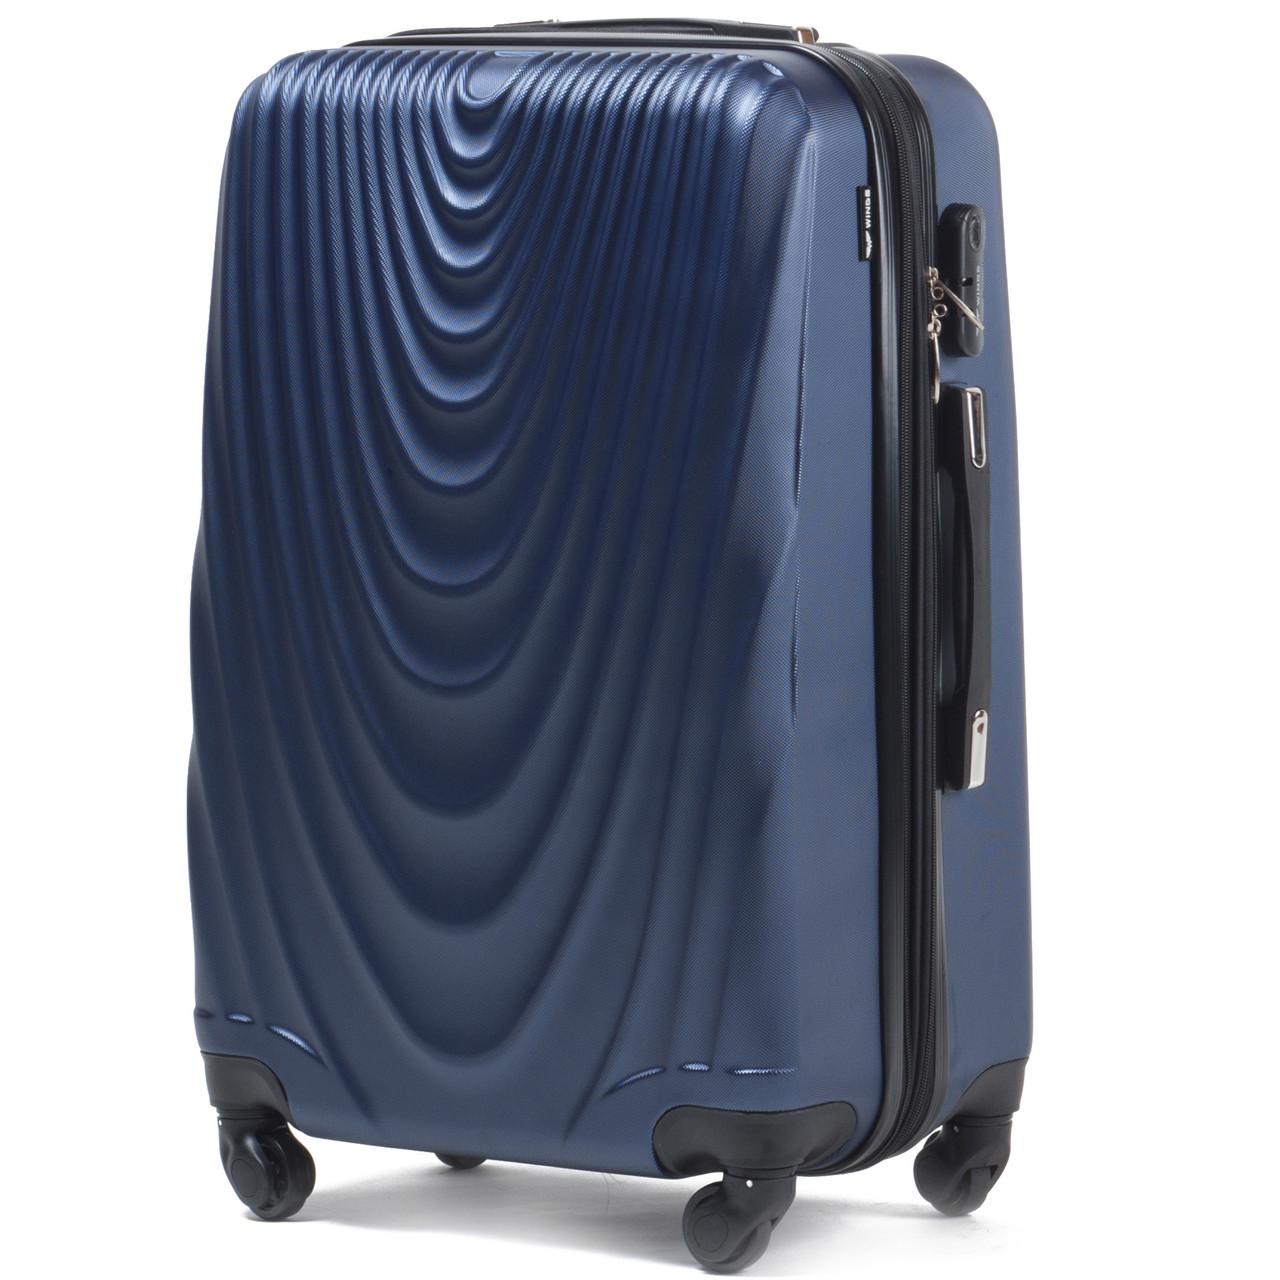 Средний пластиковый чемодан Wings 304 на 4 колесах синий